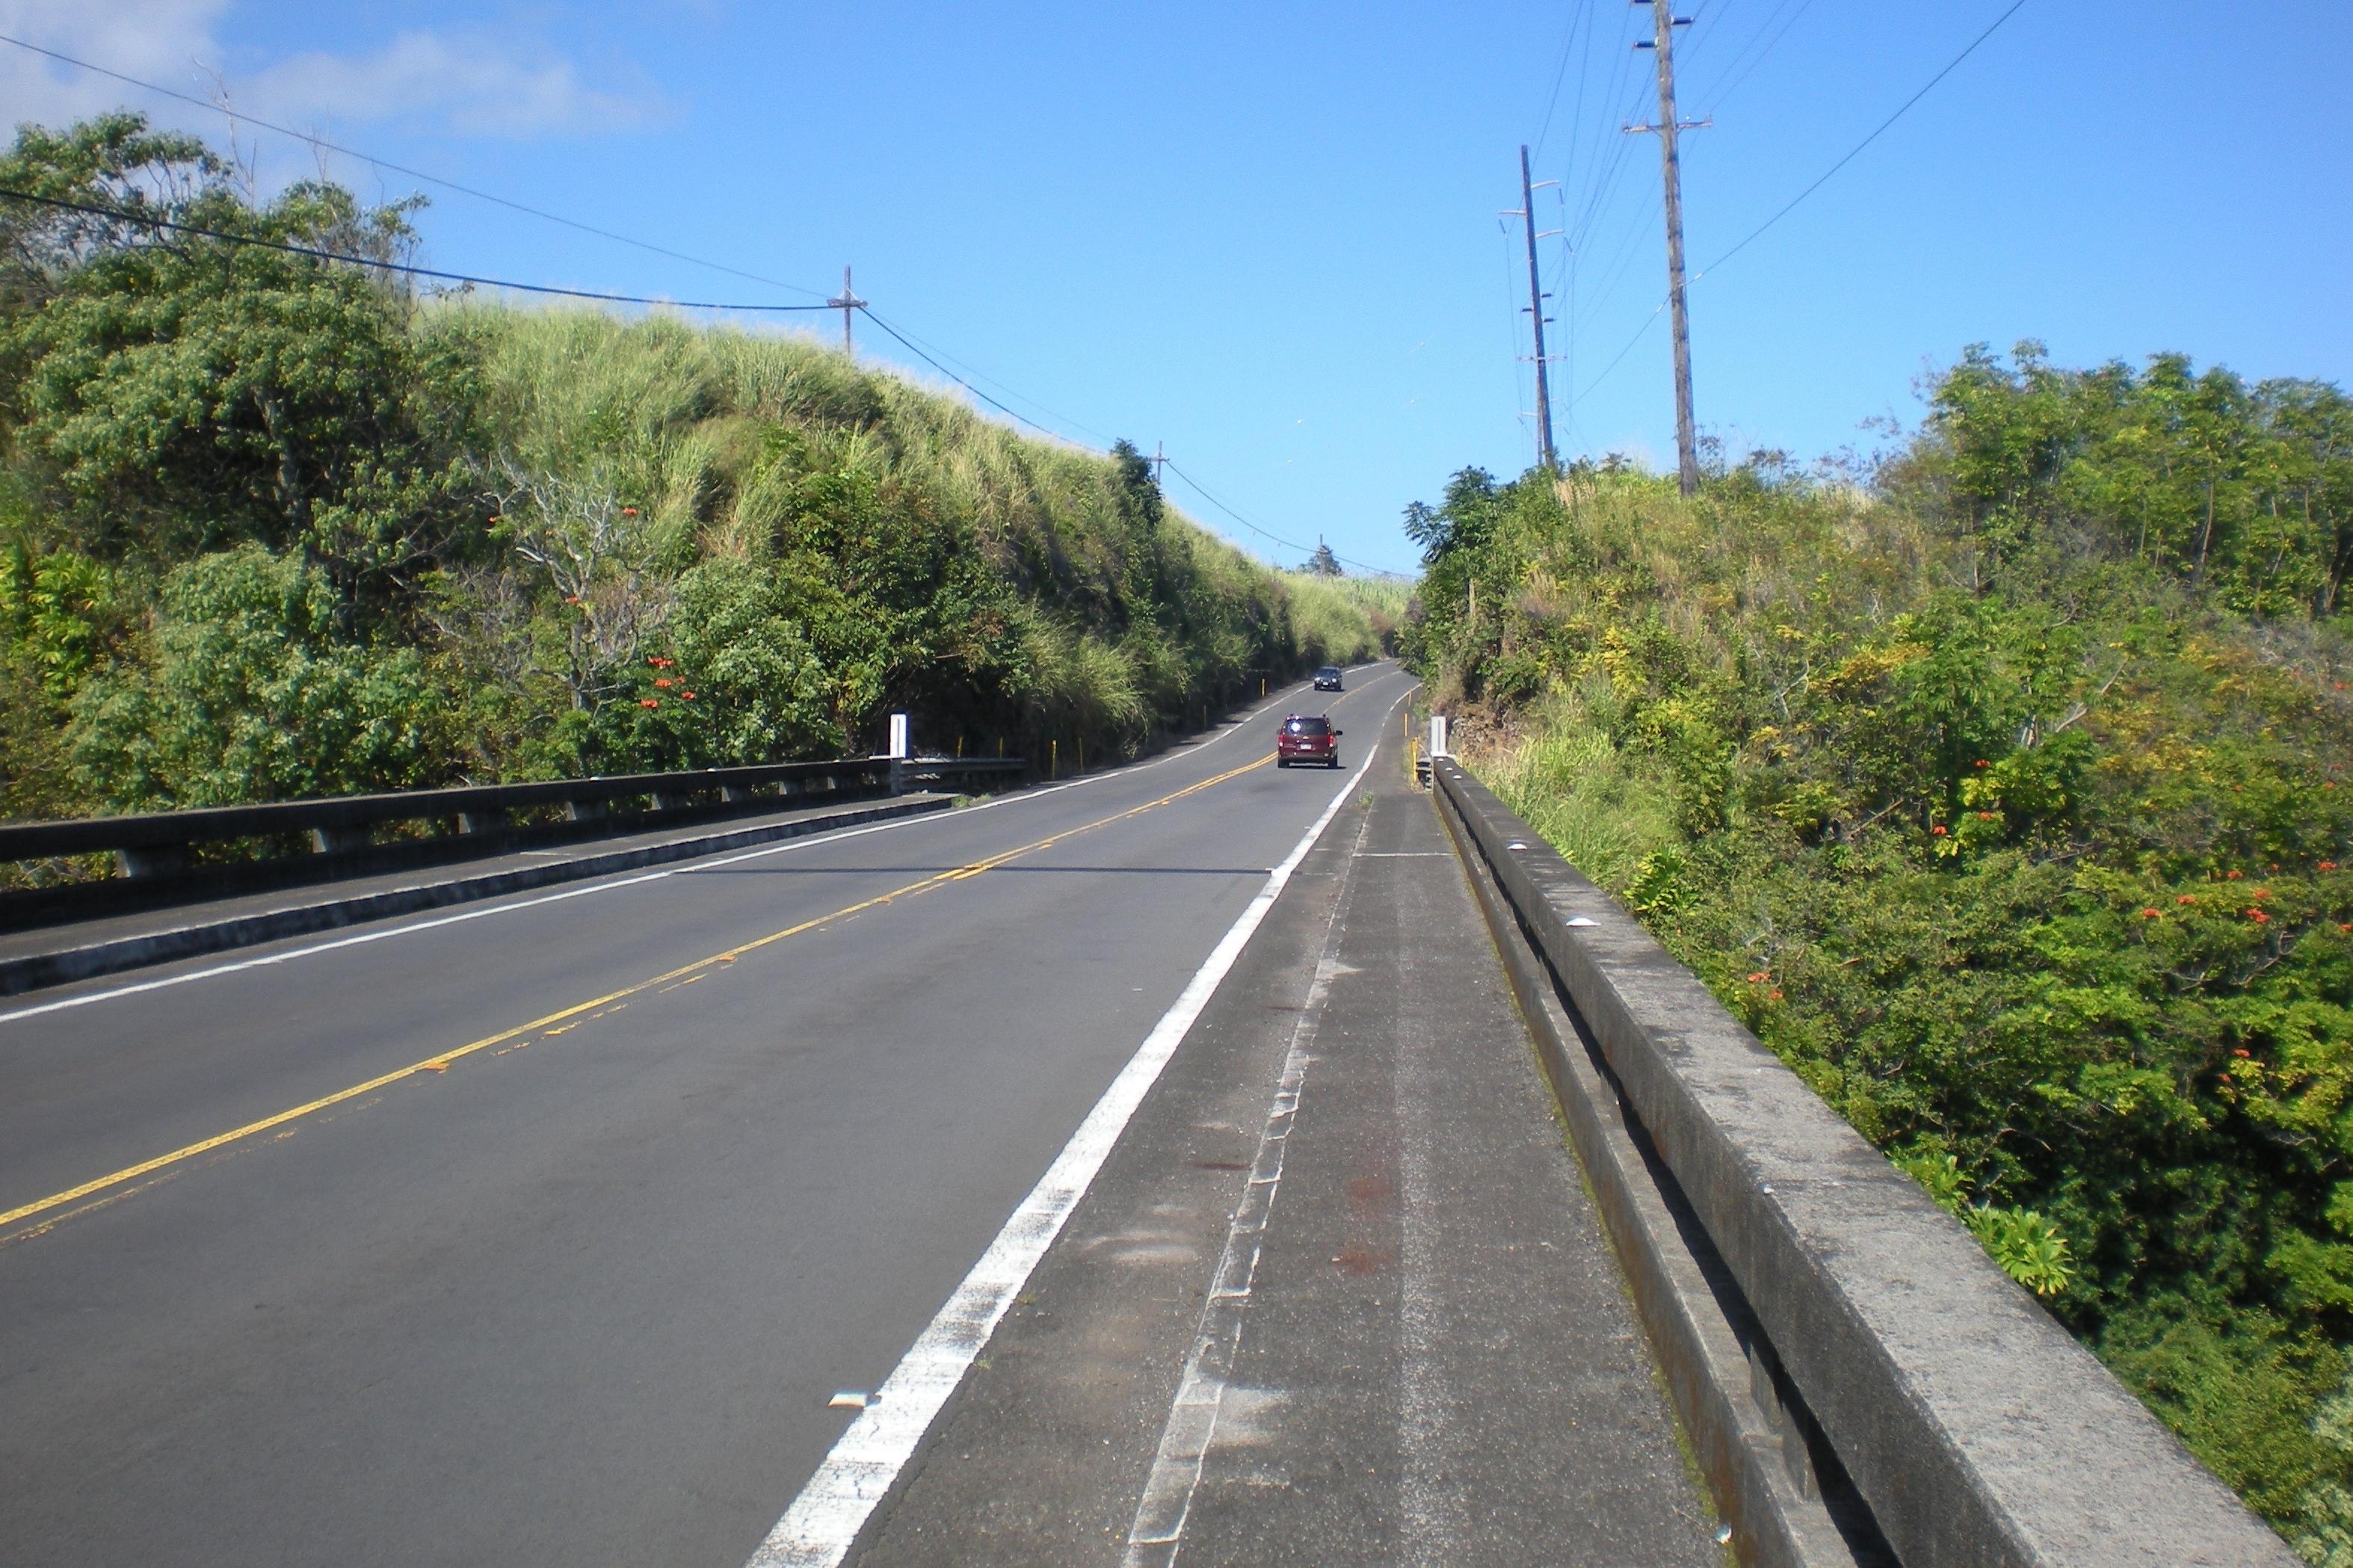 Umuauma Road